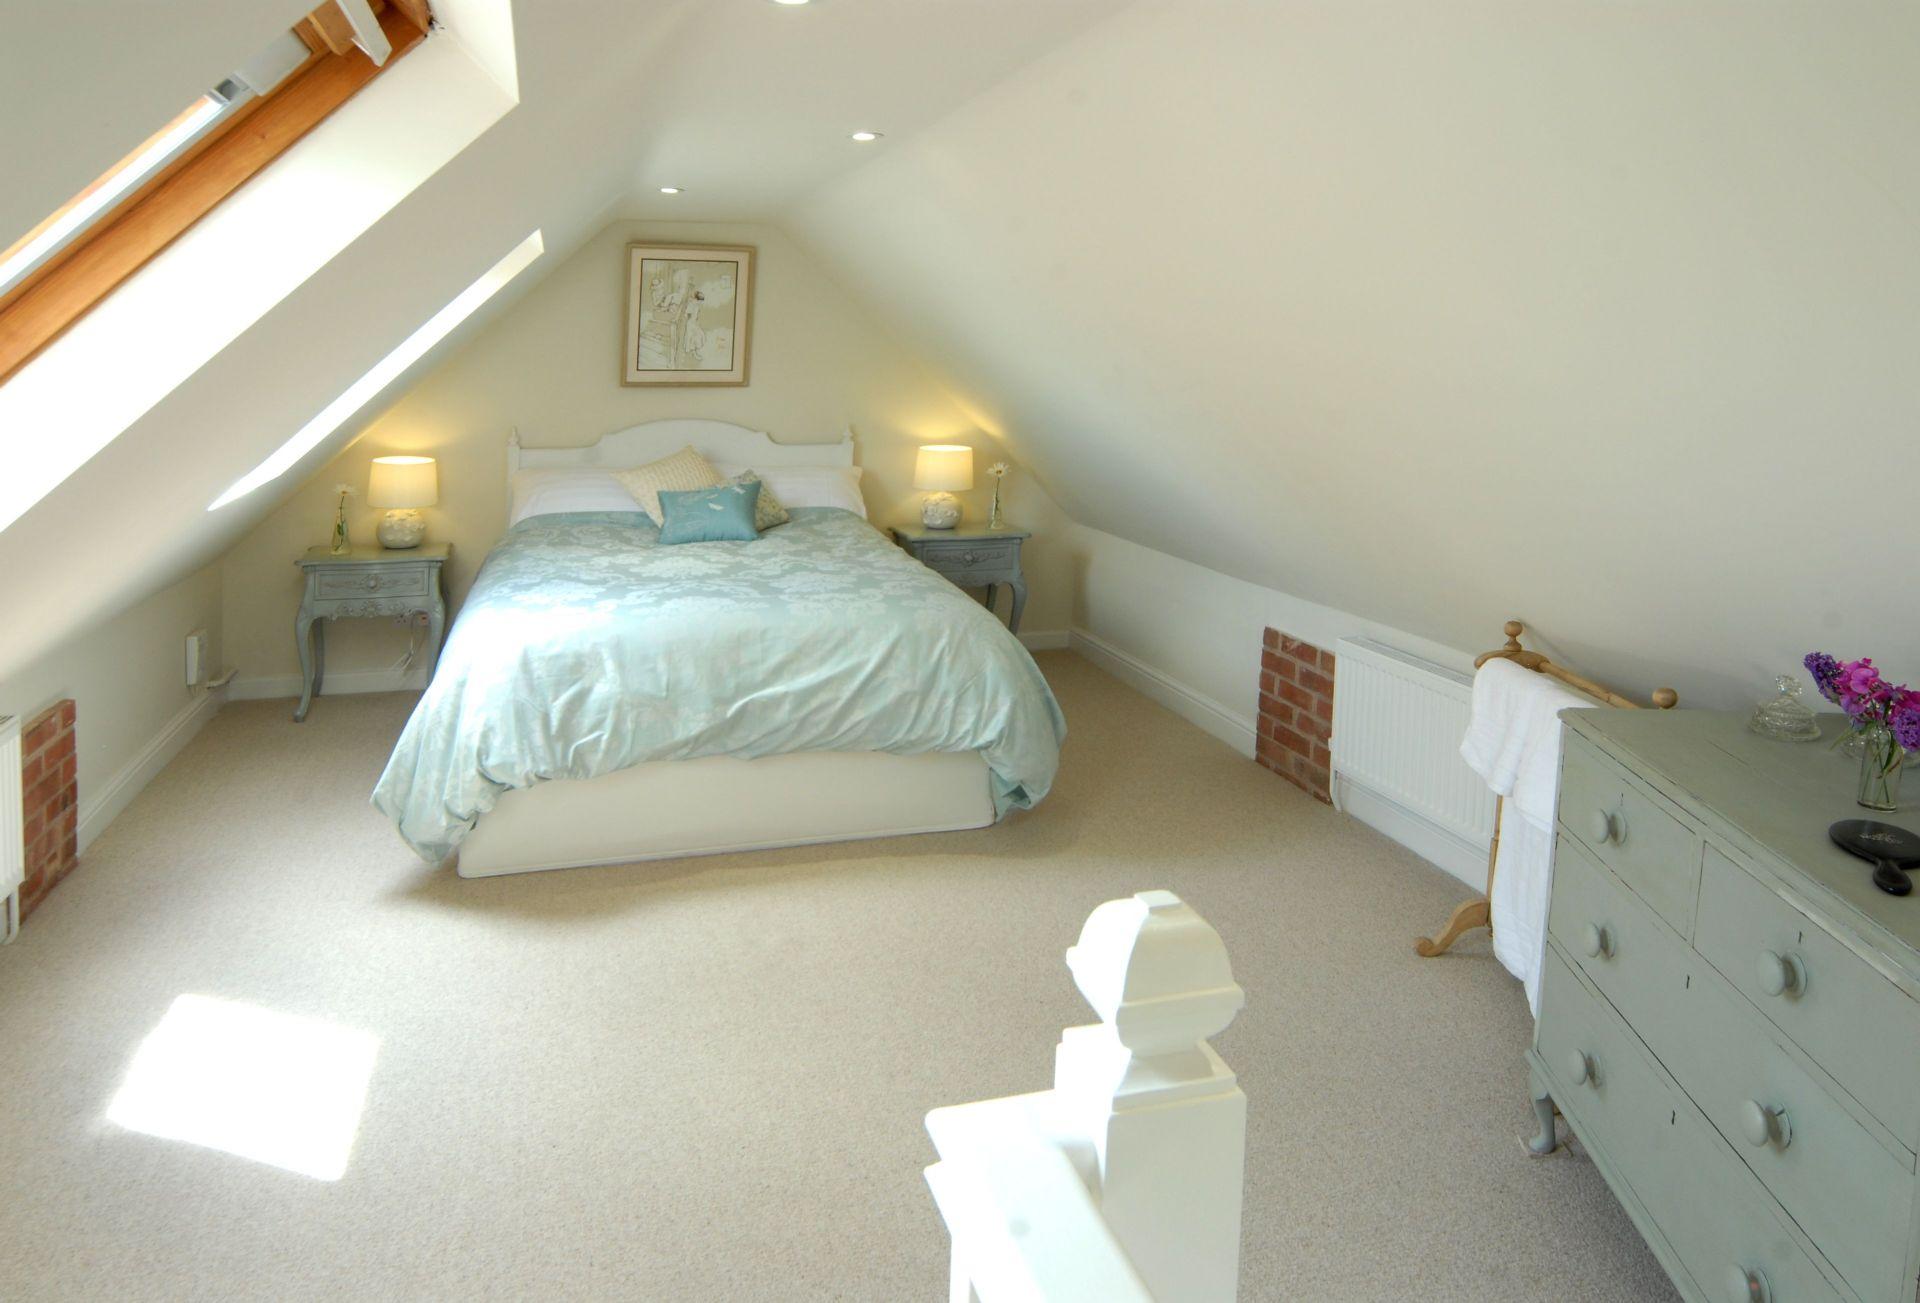 First floor: Bedroom